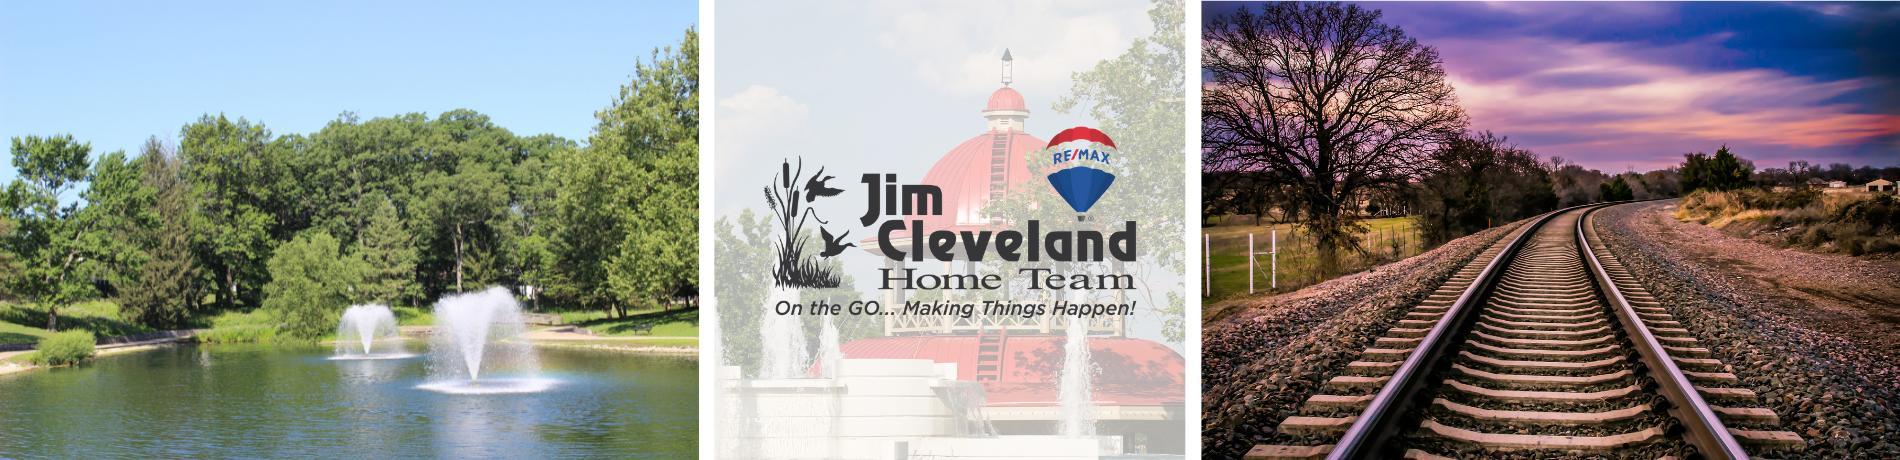 Jim Cleveland Home Team